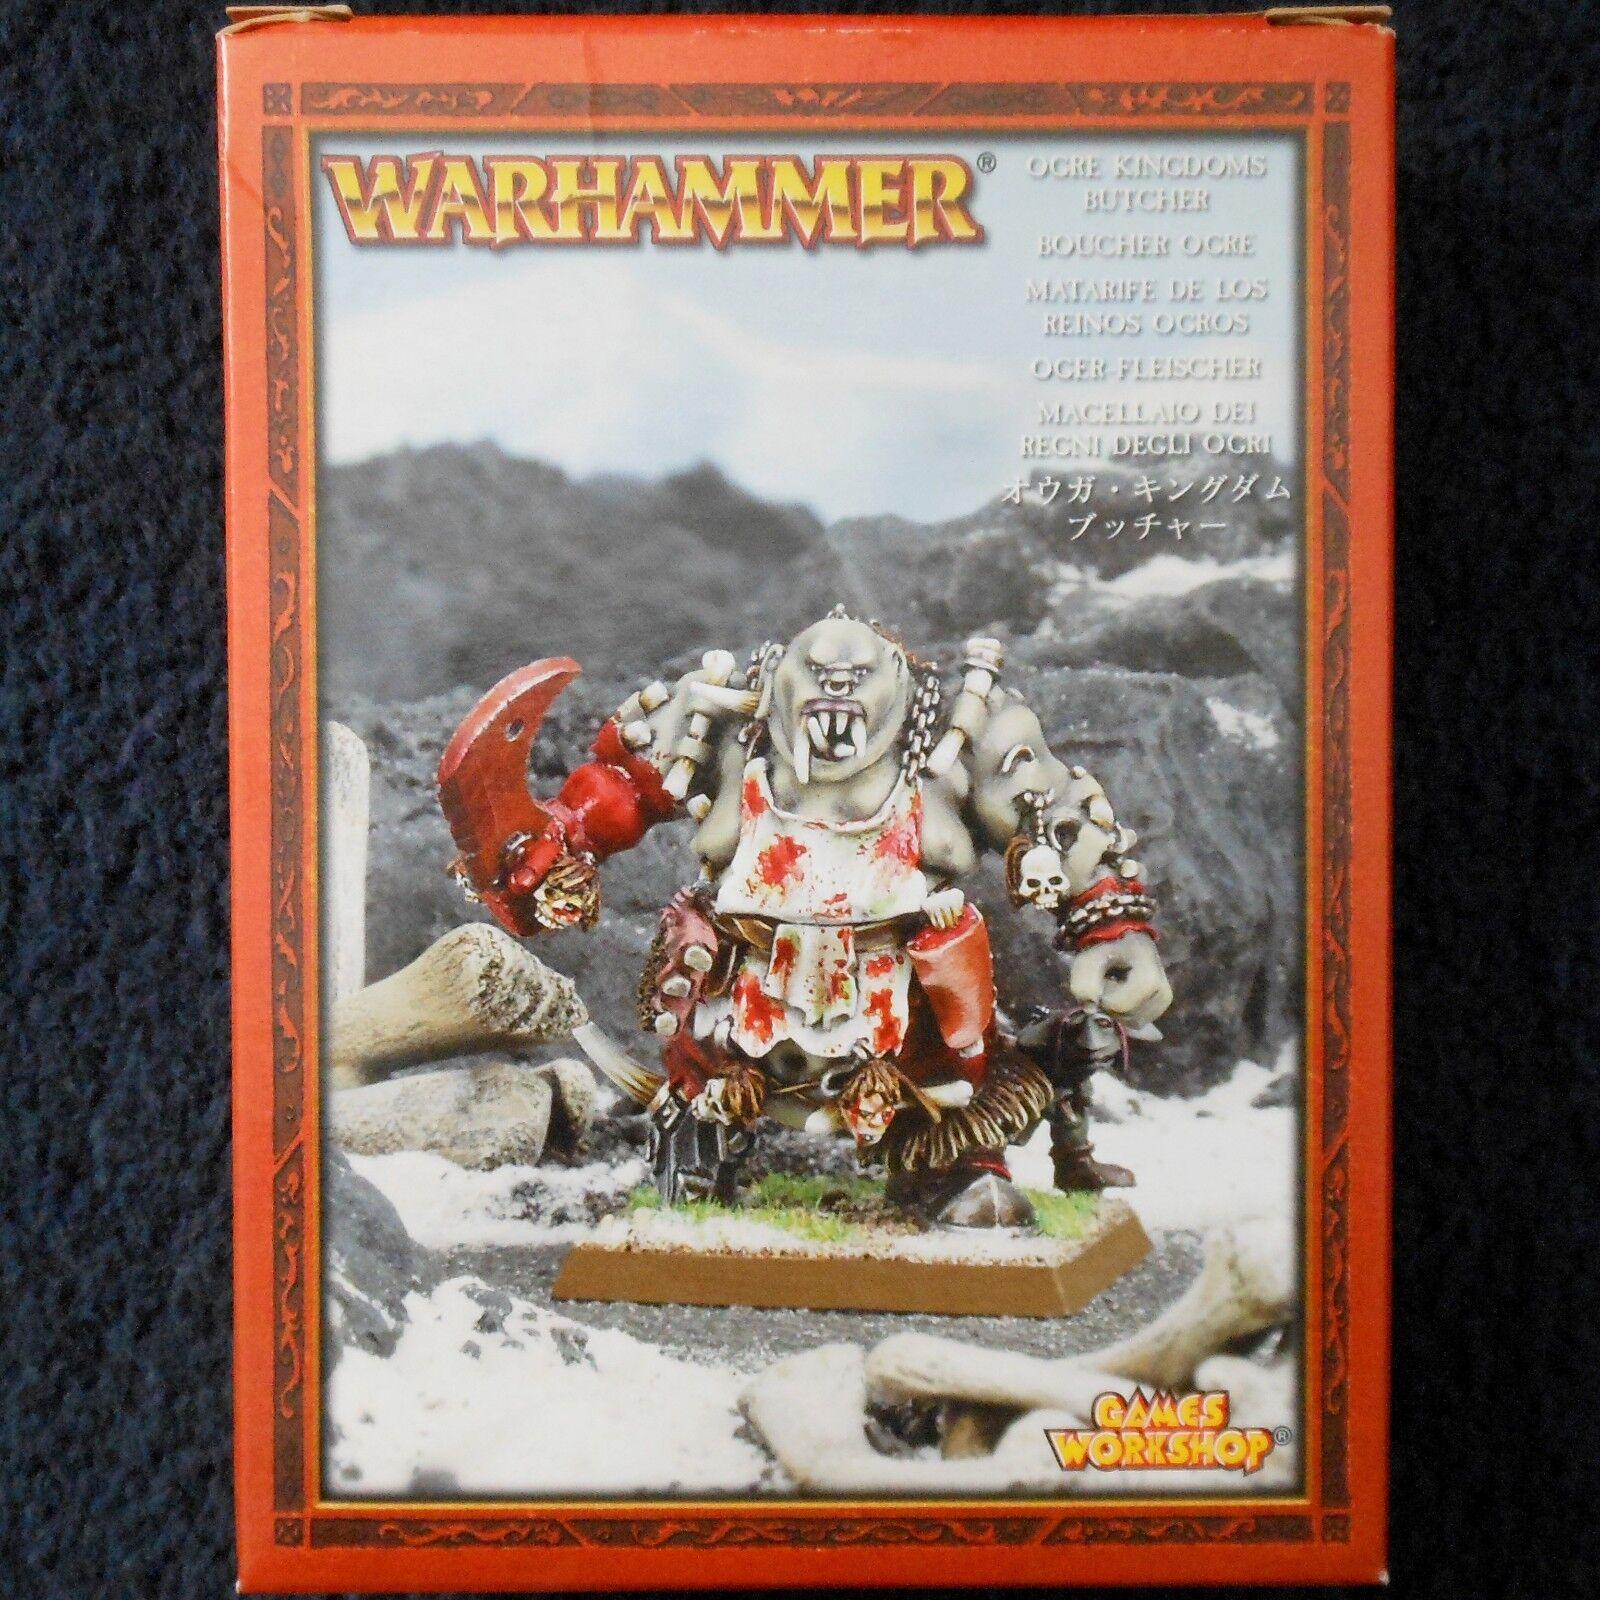 2005 ORCO MACELLAIO  MACELLO MASTER WARHAMMER Esercito REGNI CITTADELLA Cook ogor Nuovo di zecca con scatola  vendita online